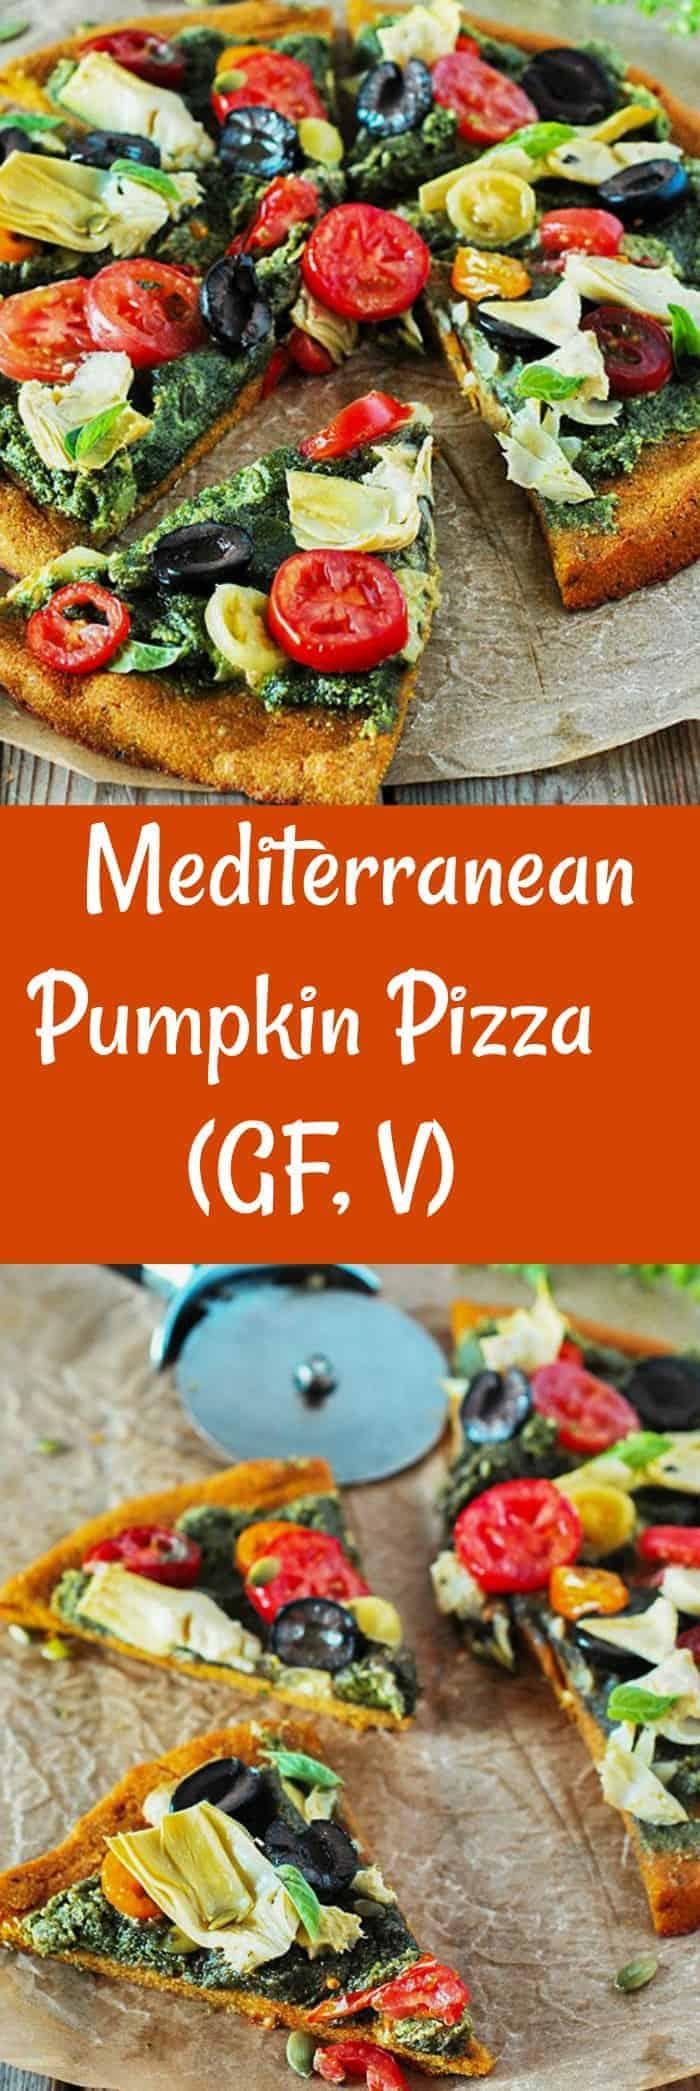 Mediterranean Pumpkin Pizza